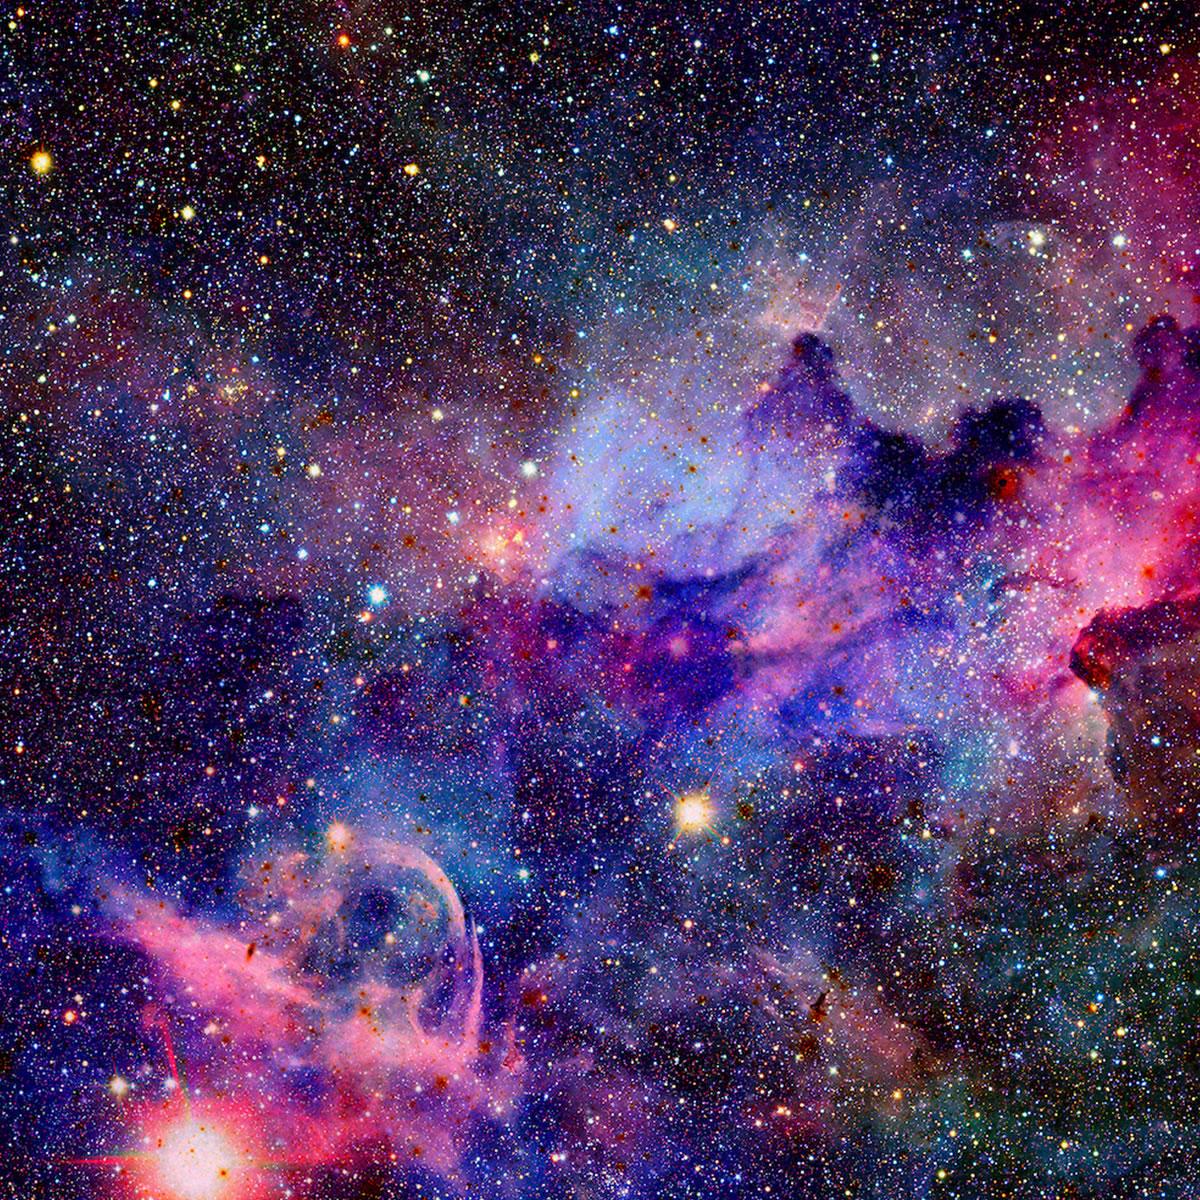 Universe and The Big Bang theory